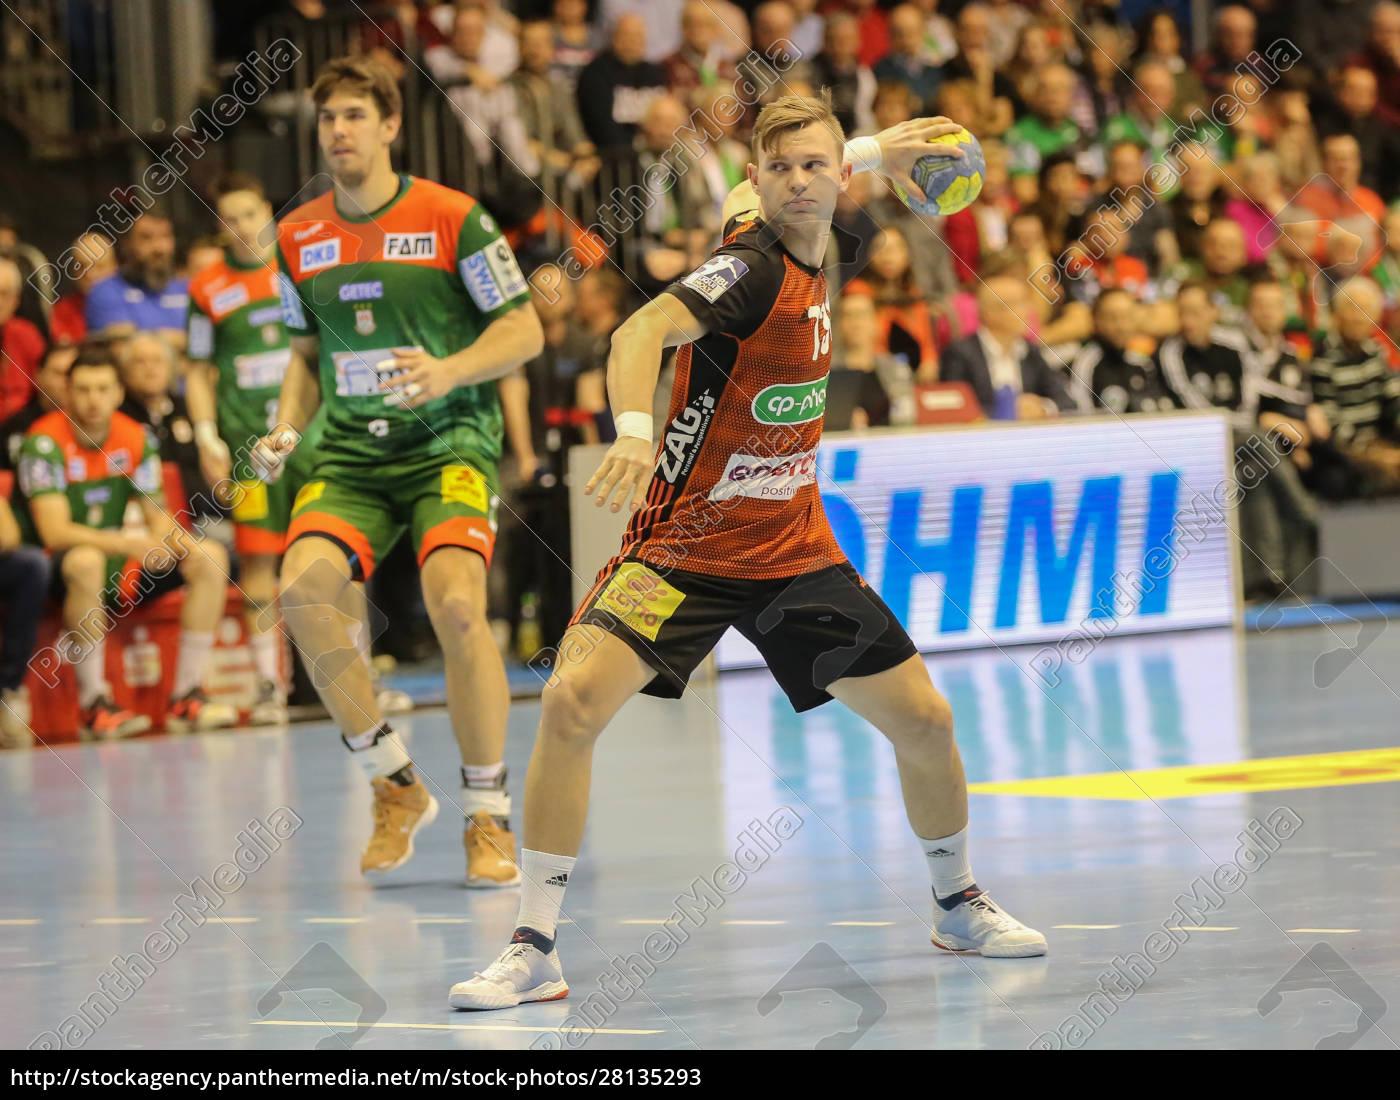 deutscher, handballer, timo, kastening, tsv, hannover-burgdorf, liqui - 28135293